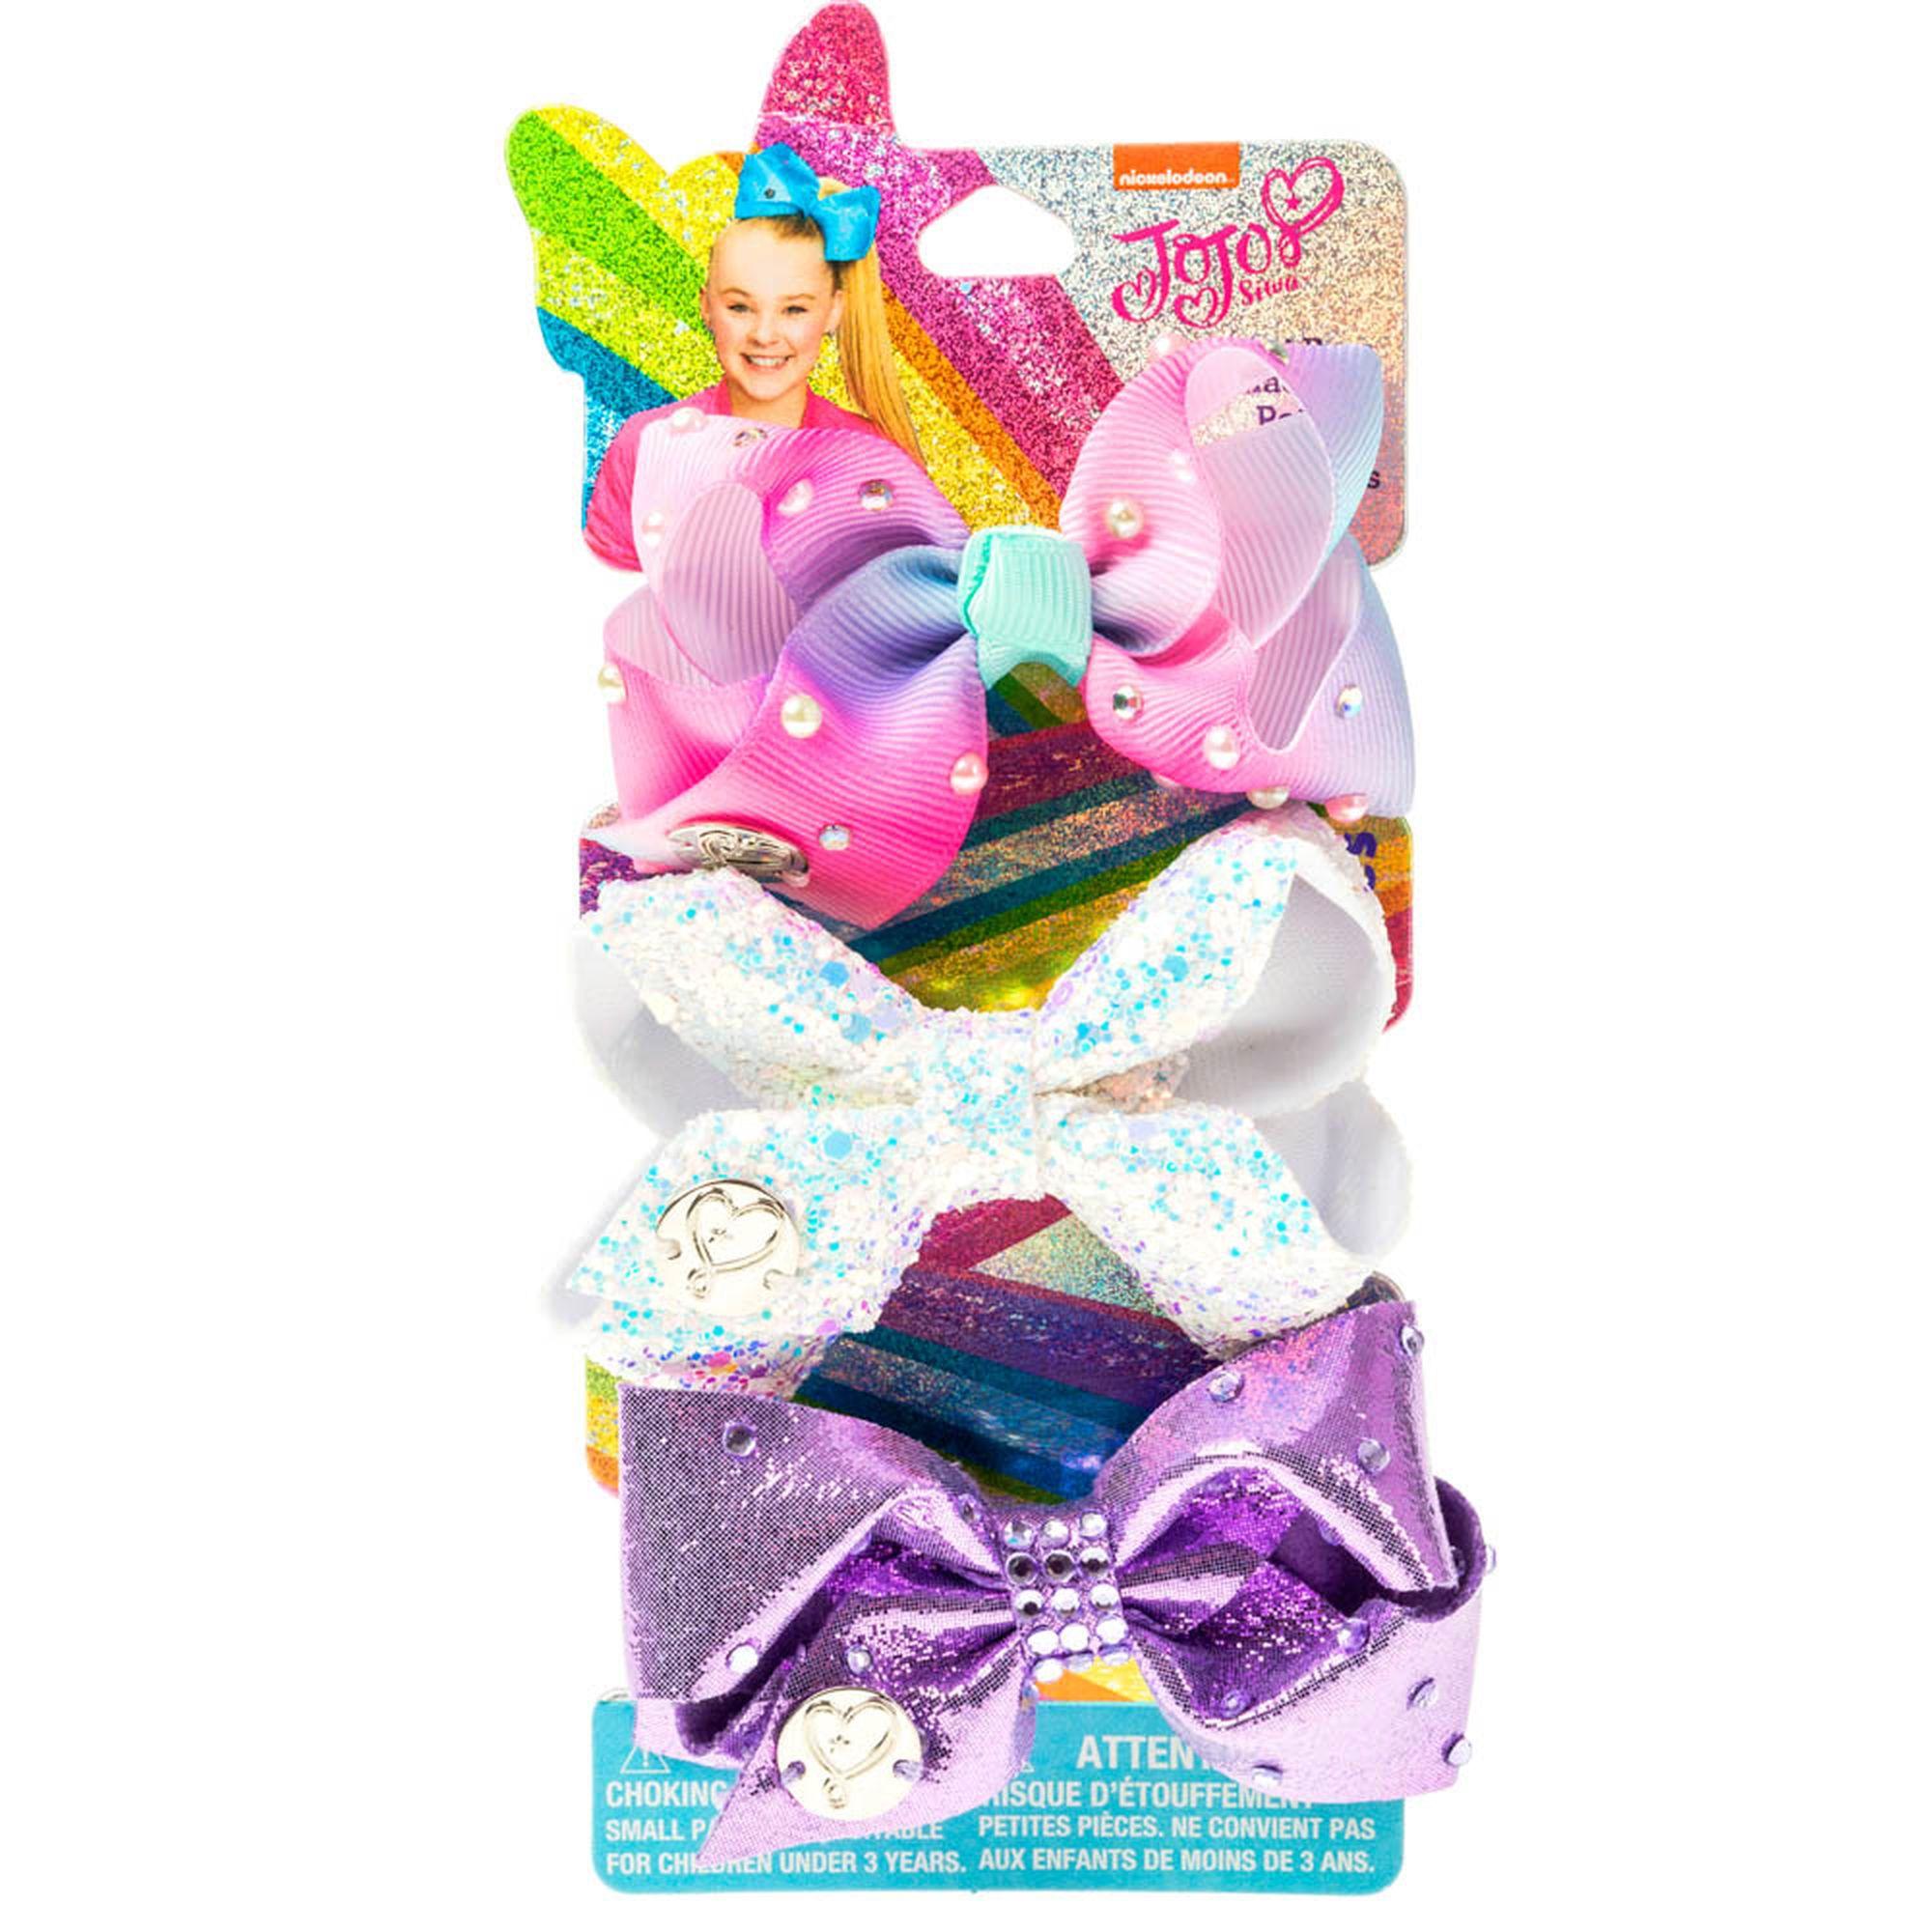 Nickelodeon Jojo Siwa Variety Bow Pack